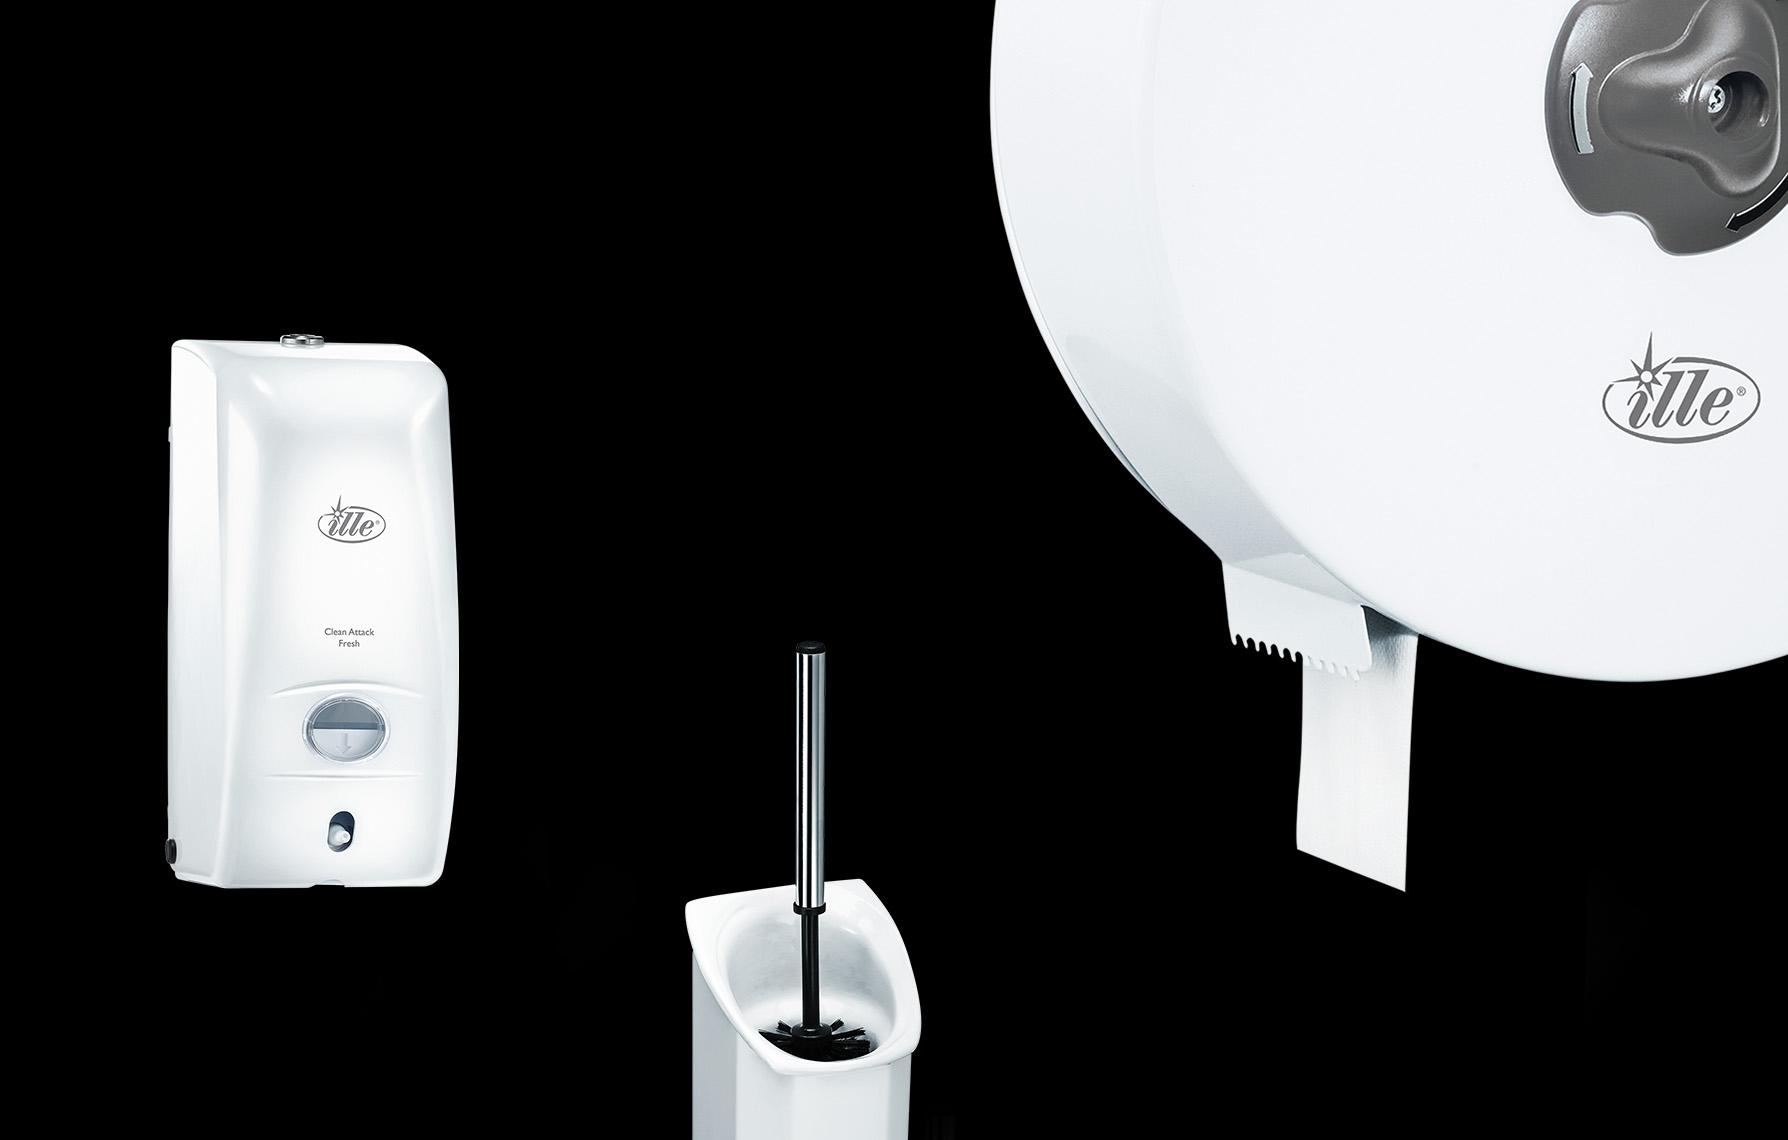 lavatories ille papier service gmbh